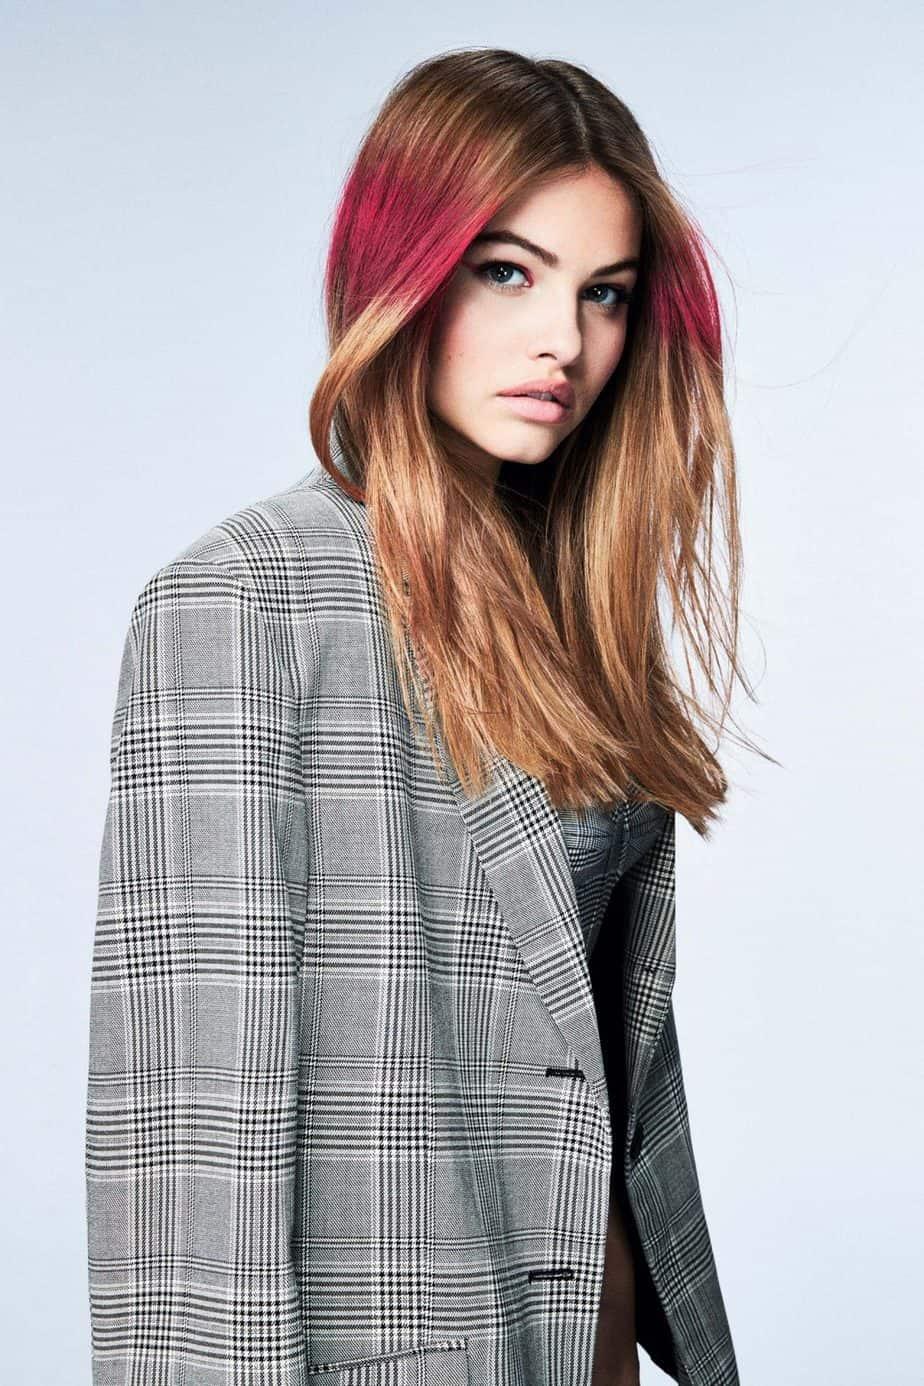 איפור לשיער ליום אחד, איפור שיער לפורים, COLORISTA Hair Makeup By L'OREAL PARIS, קולוריסטה ג'ל לשיער לוריאל פריז - 1 4